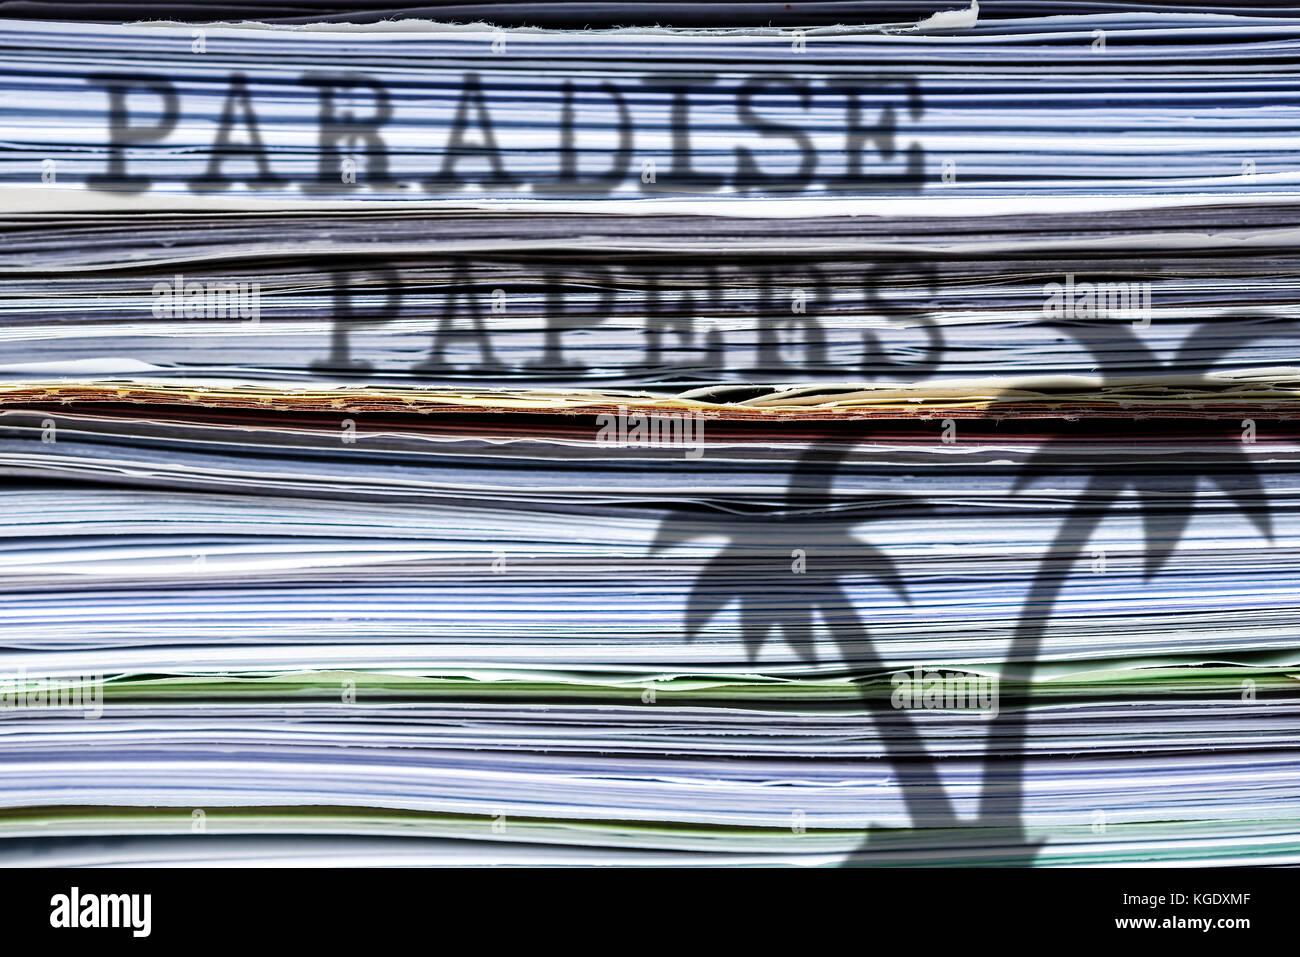 La sombra de una palmera en una pila de papeles, paraíso de papel Imagen De Stock